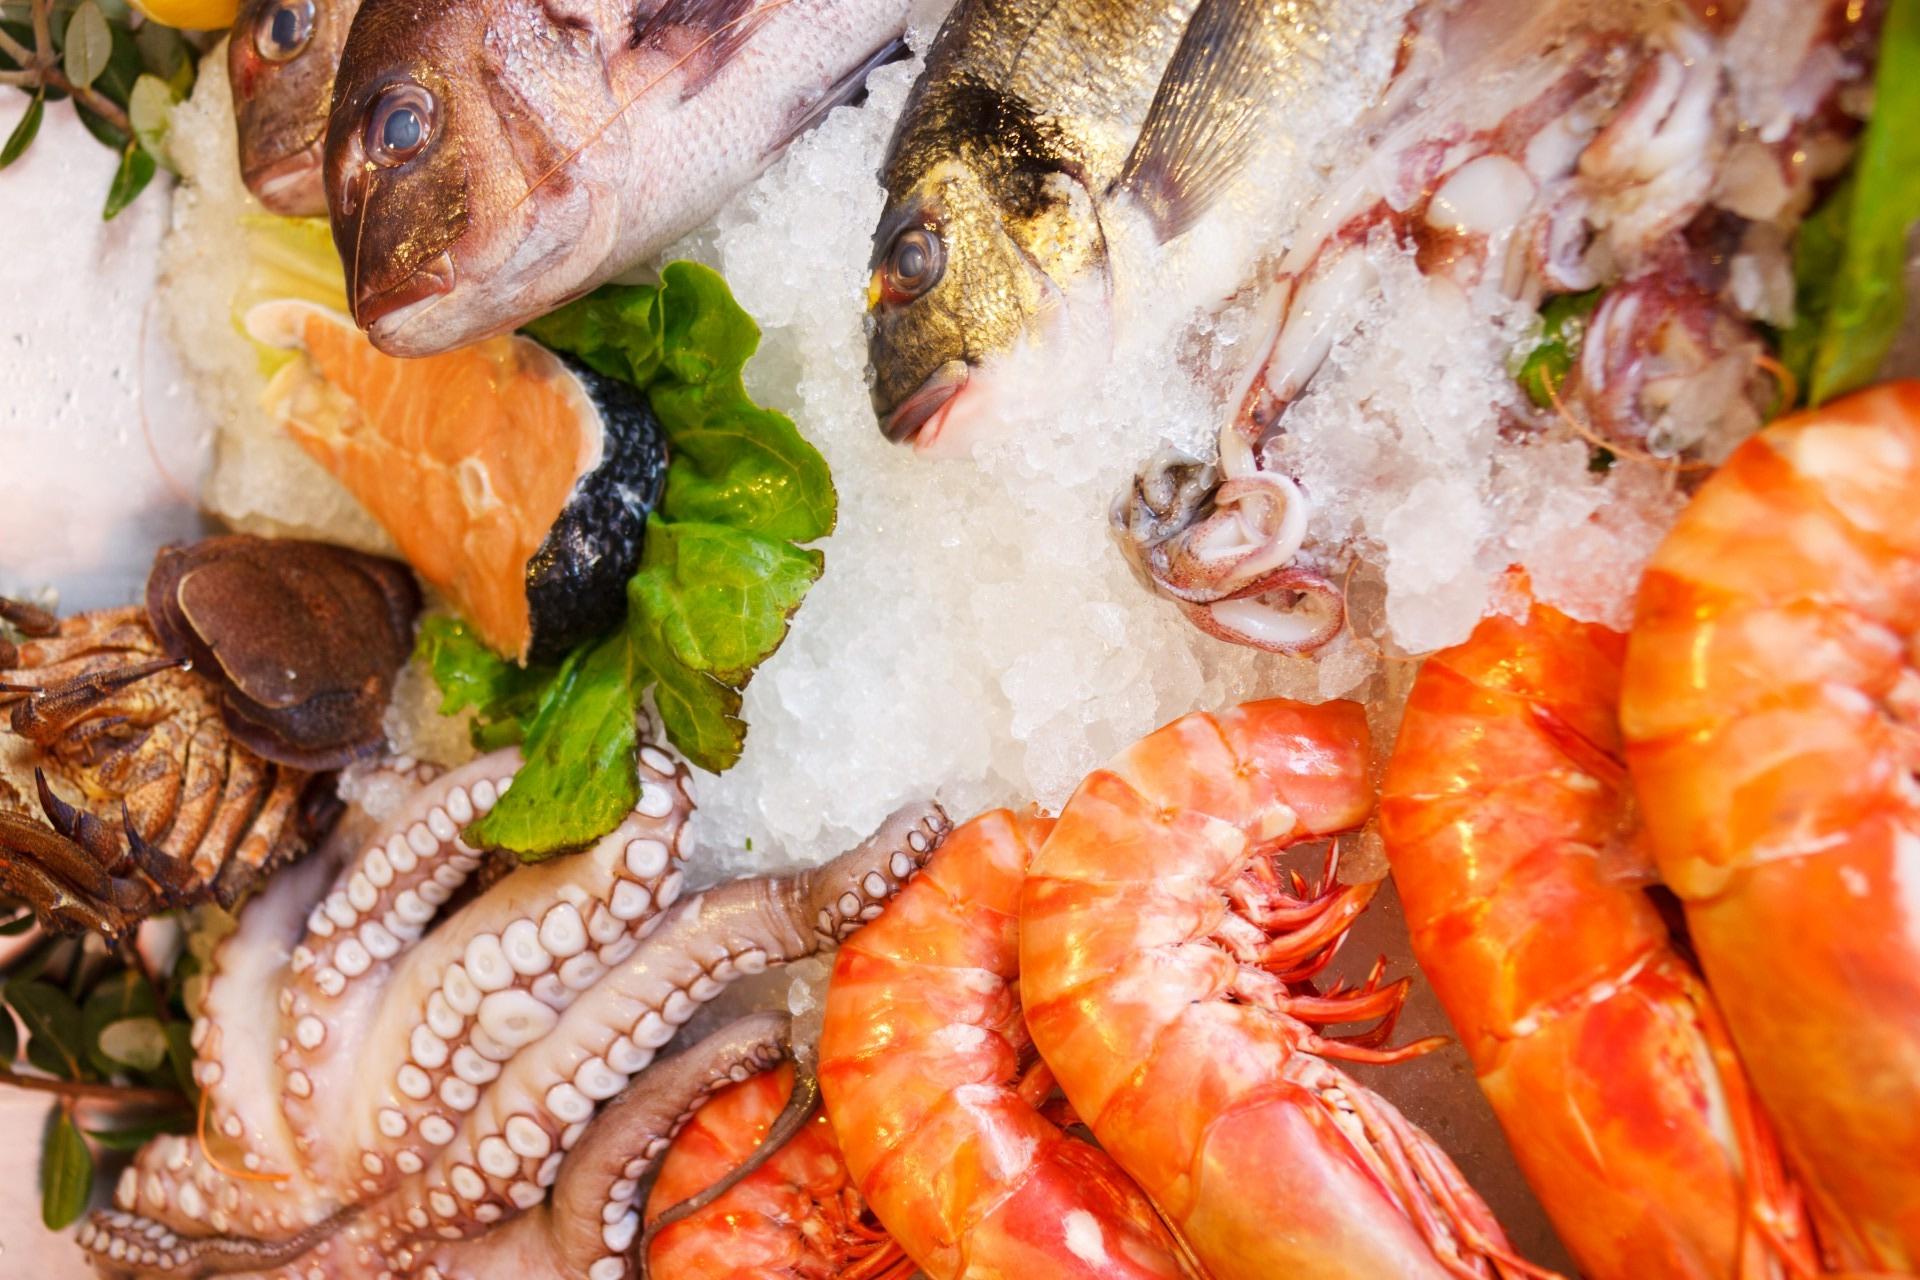 Horvát ízvilág az Adriai tengerparton